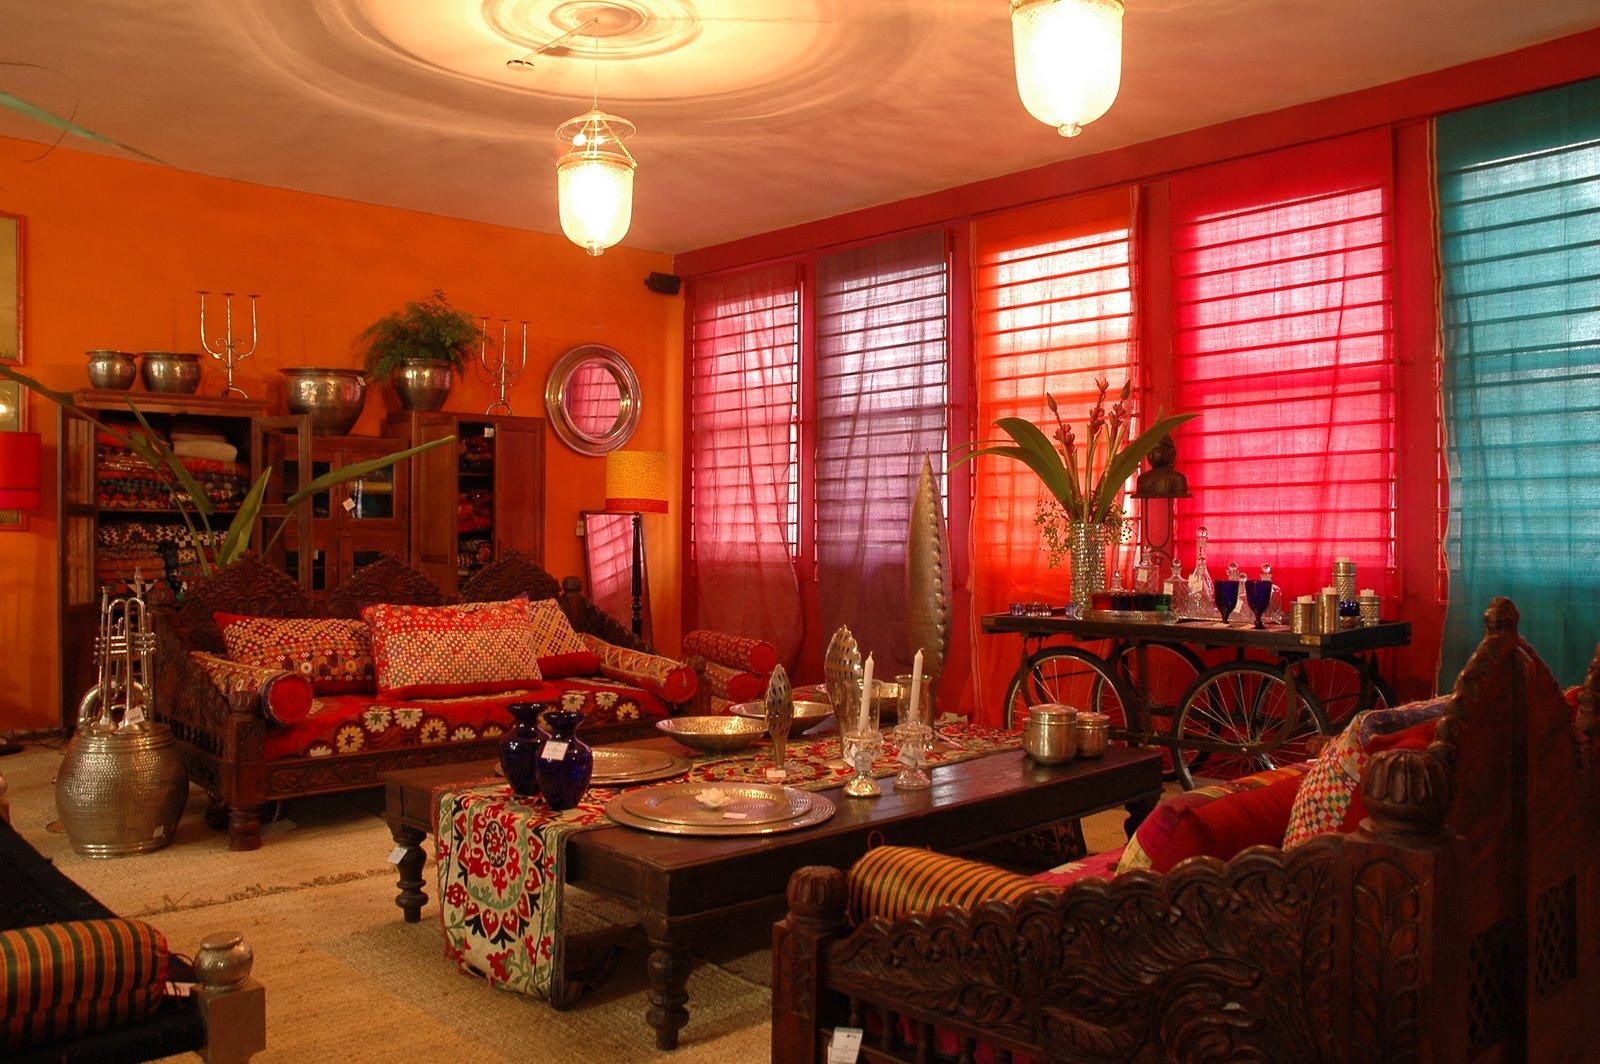 decoracao de interiores estilo oriental : decoracao de interiores estilo oriental:Indian Decoration